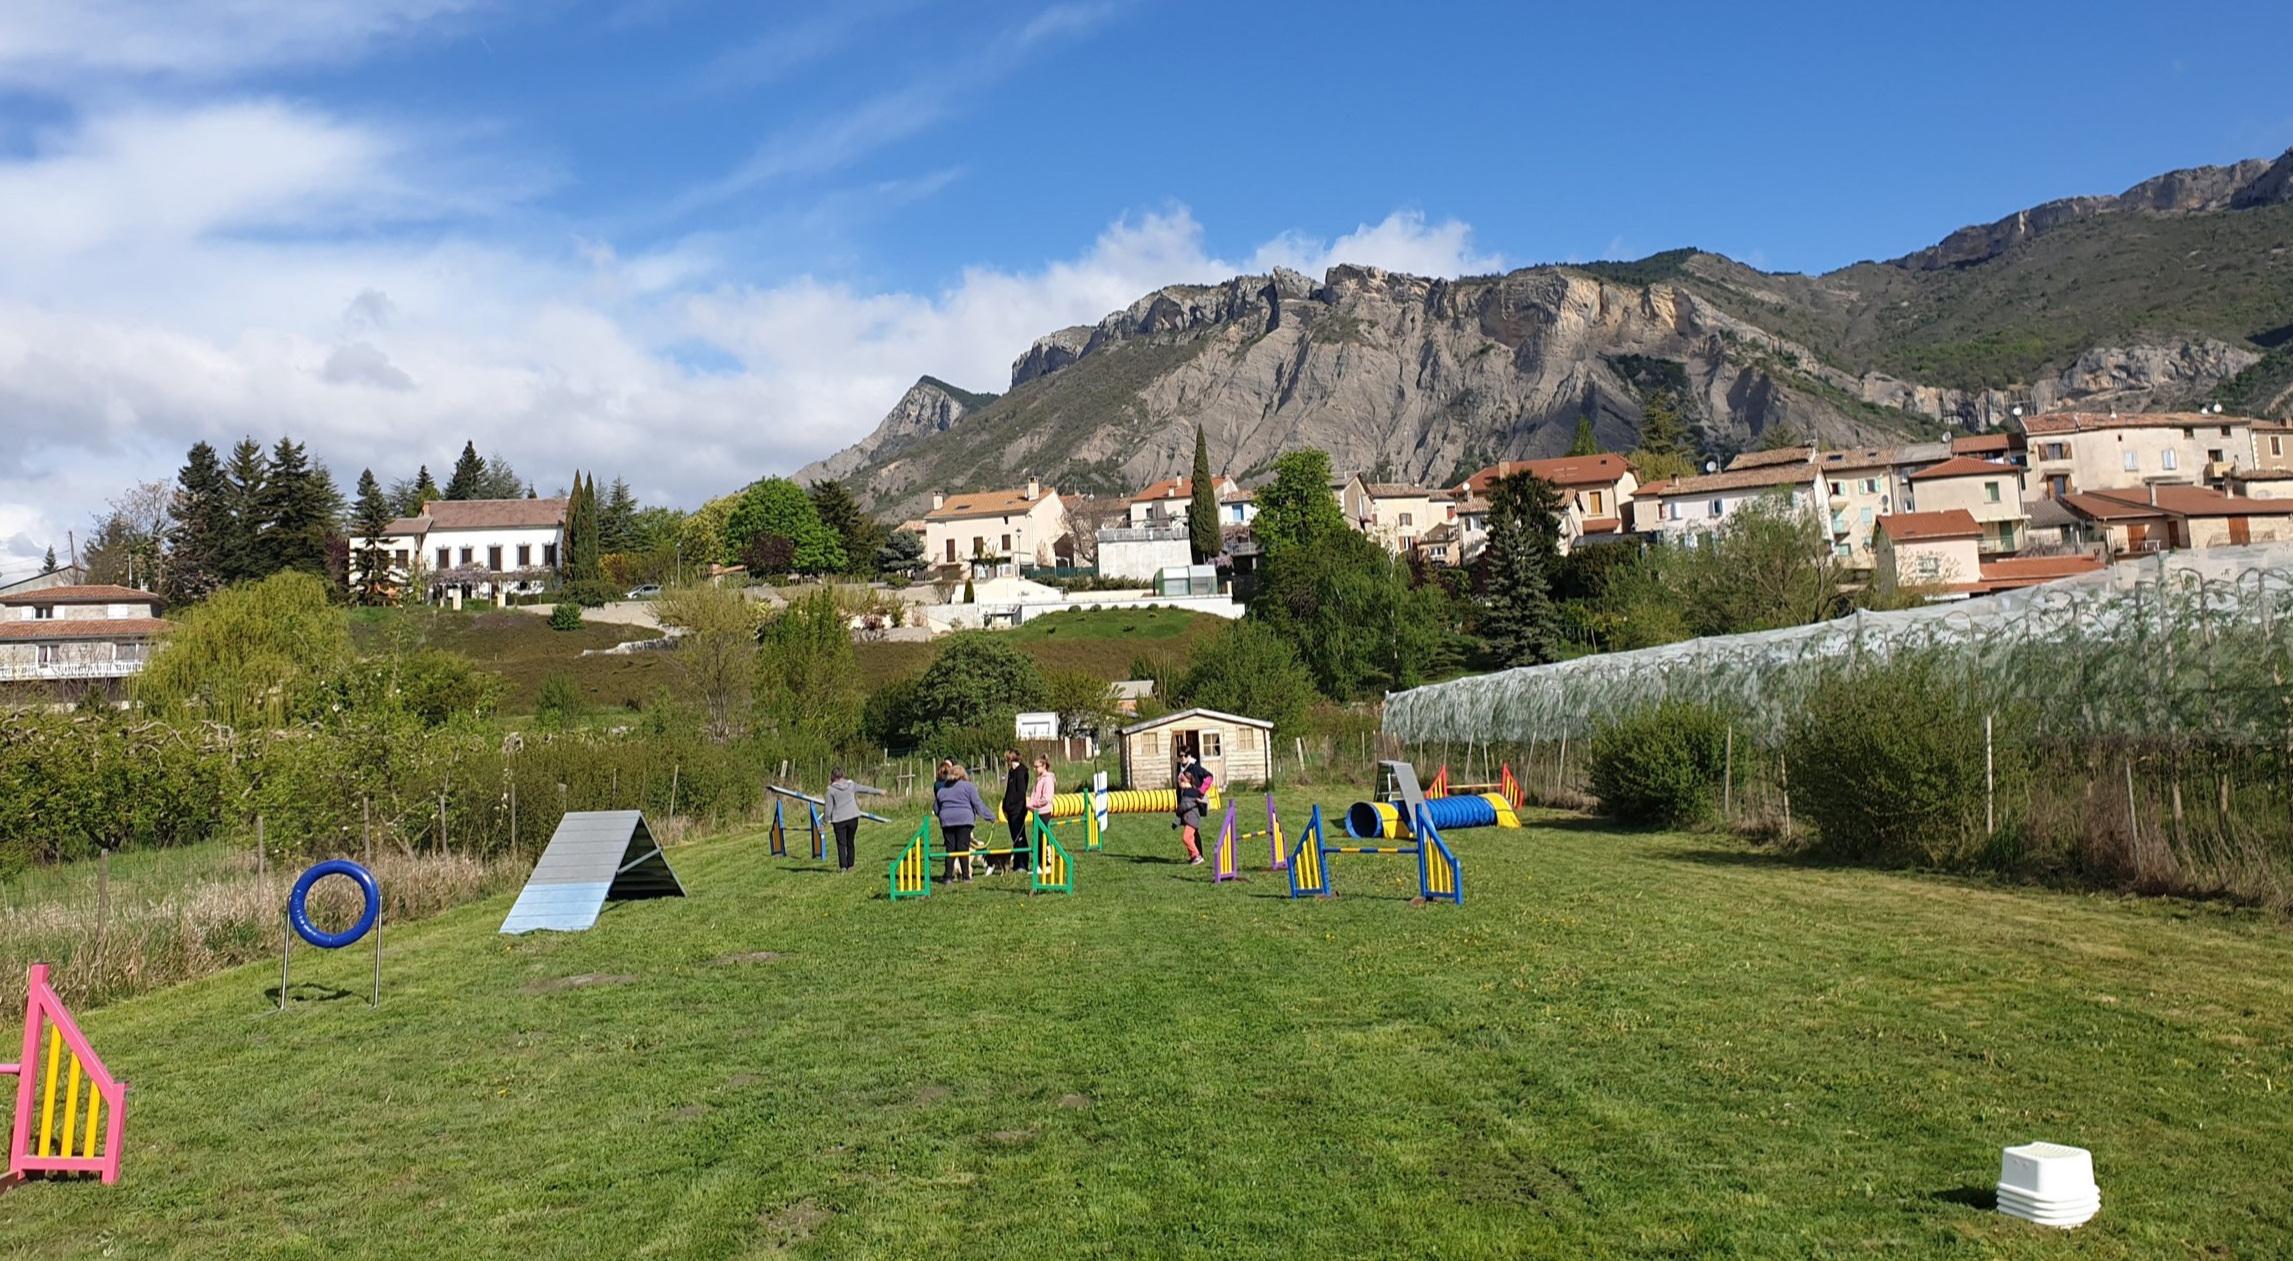 Terrain de Monêtier-Allemont - Notre terrain d'agility dans les Hautes Alpes, à 30 min de Gap et de Sisteron dispose d'un parcours d'agility complet (balançoire, passerelle, palissade, haies, tunnels, slalom...) conforme à la réglementation afin de pratiquer ce sport canin dans les meilleures conditions.